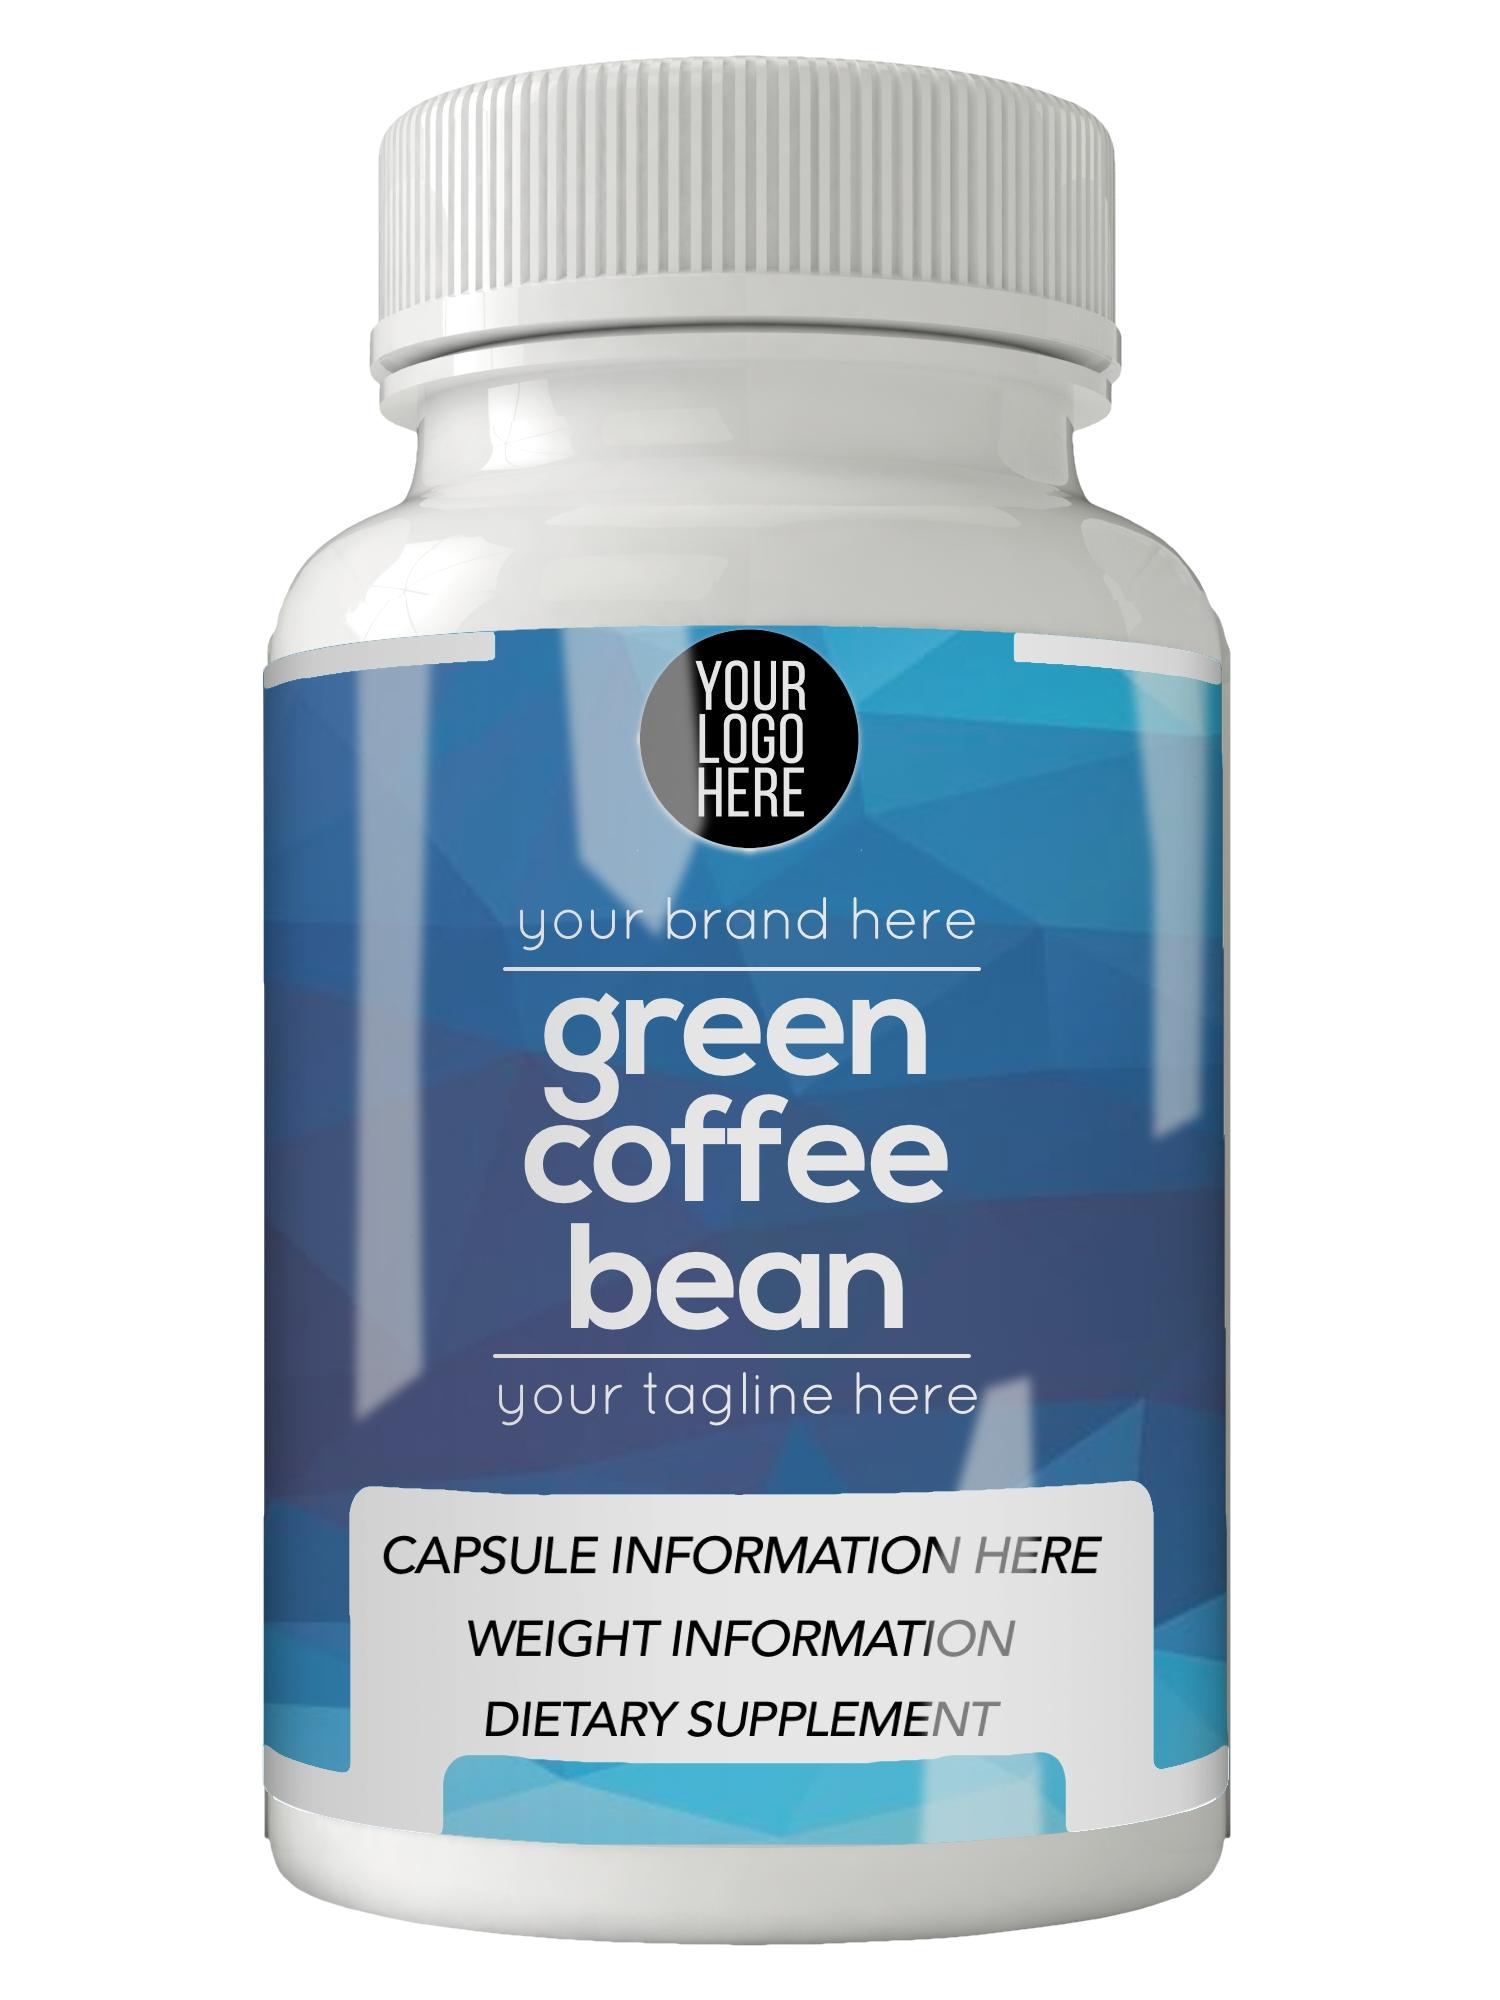 asl green coffee bean.jpg